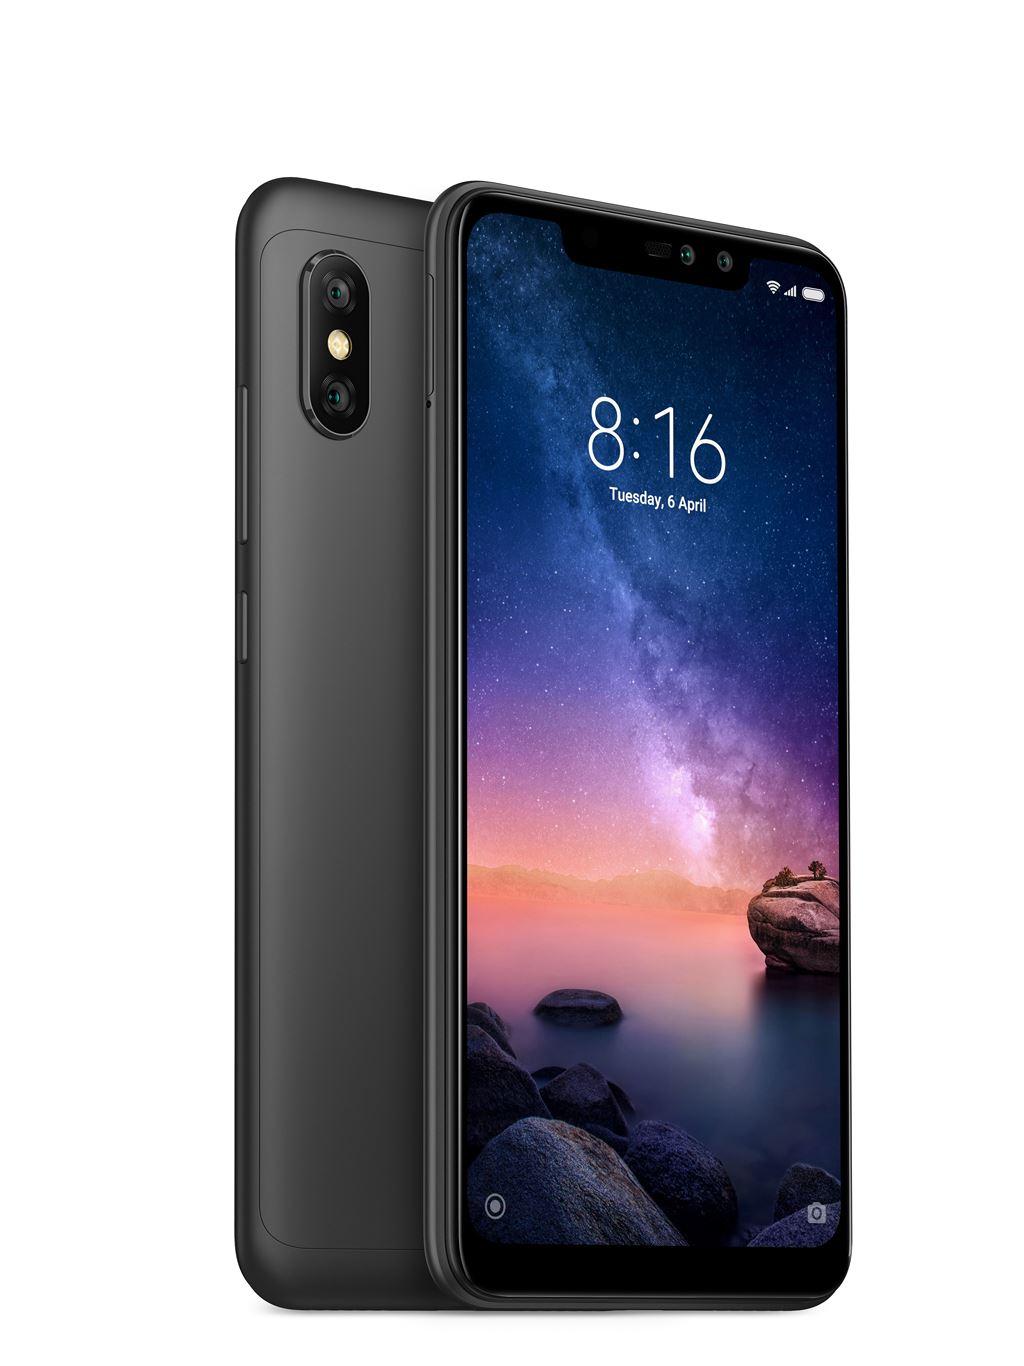 Xiaomi sẽ áp dụng chế độ bảo hành điện thoại 18 tháng từ 12/12 ảnh 4